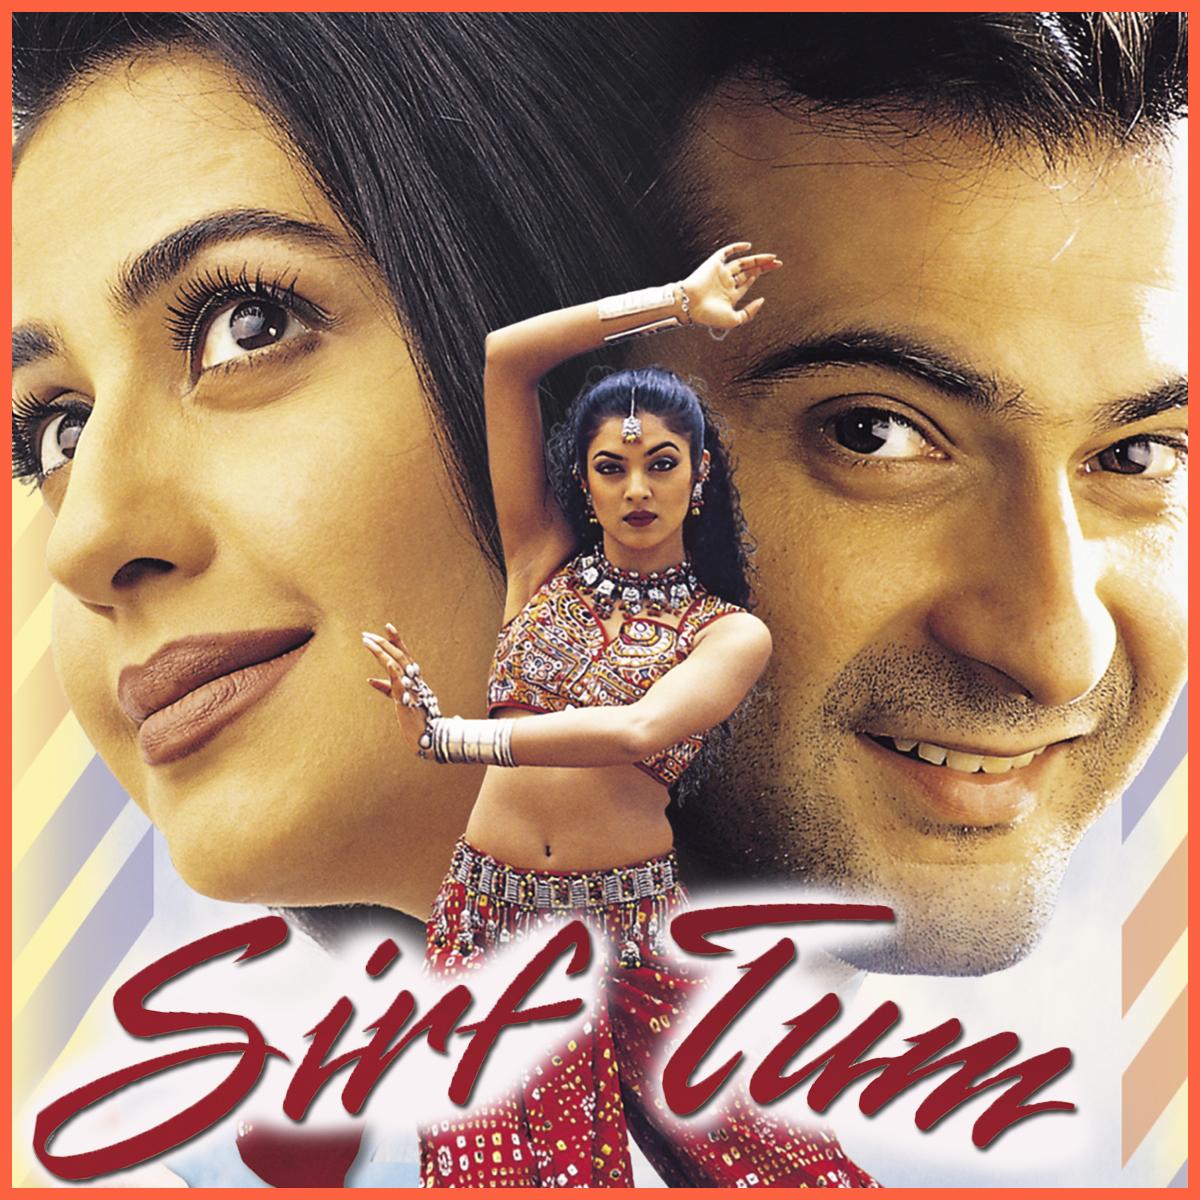 Hindi Movie Sirf Tum Video Song Download Hd Pehli Pehli Baar